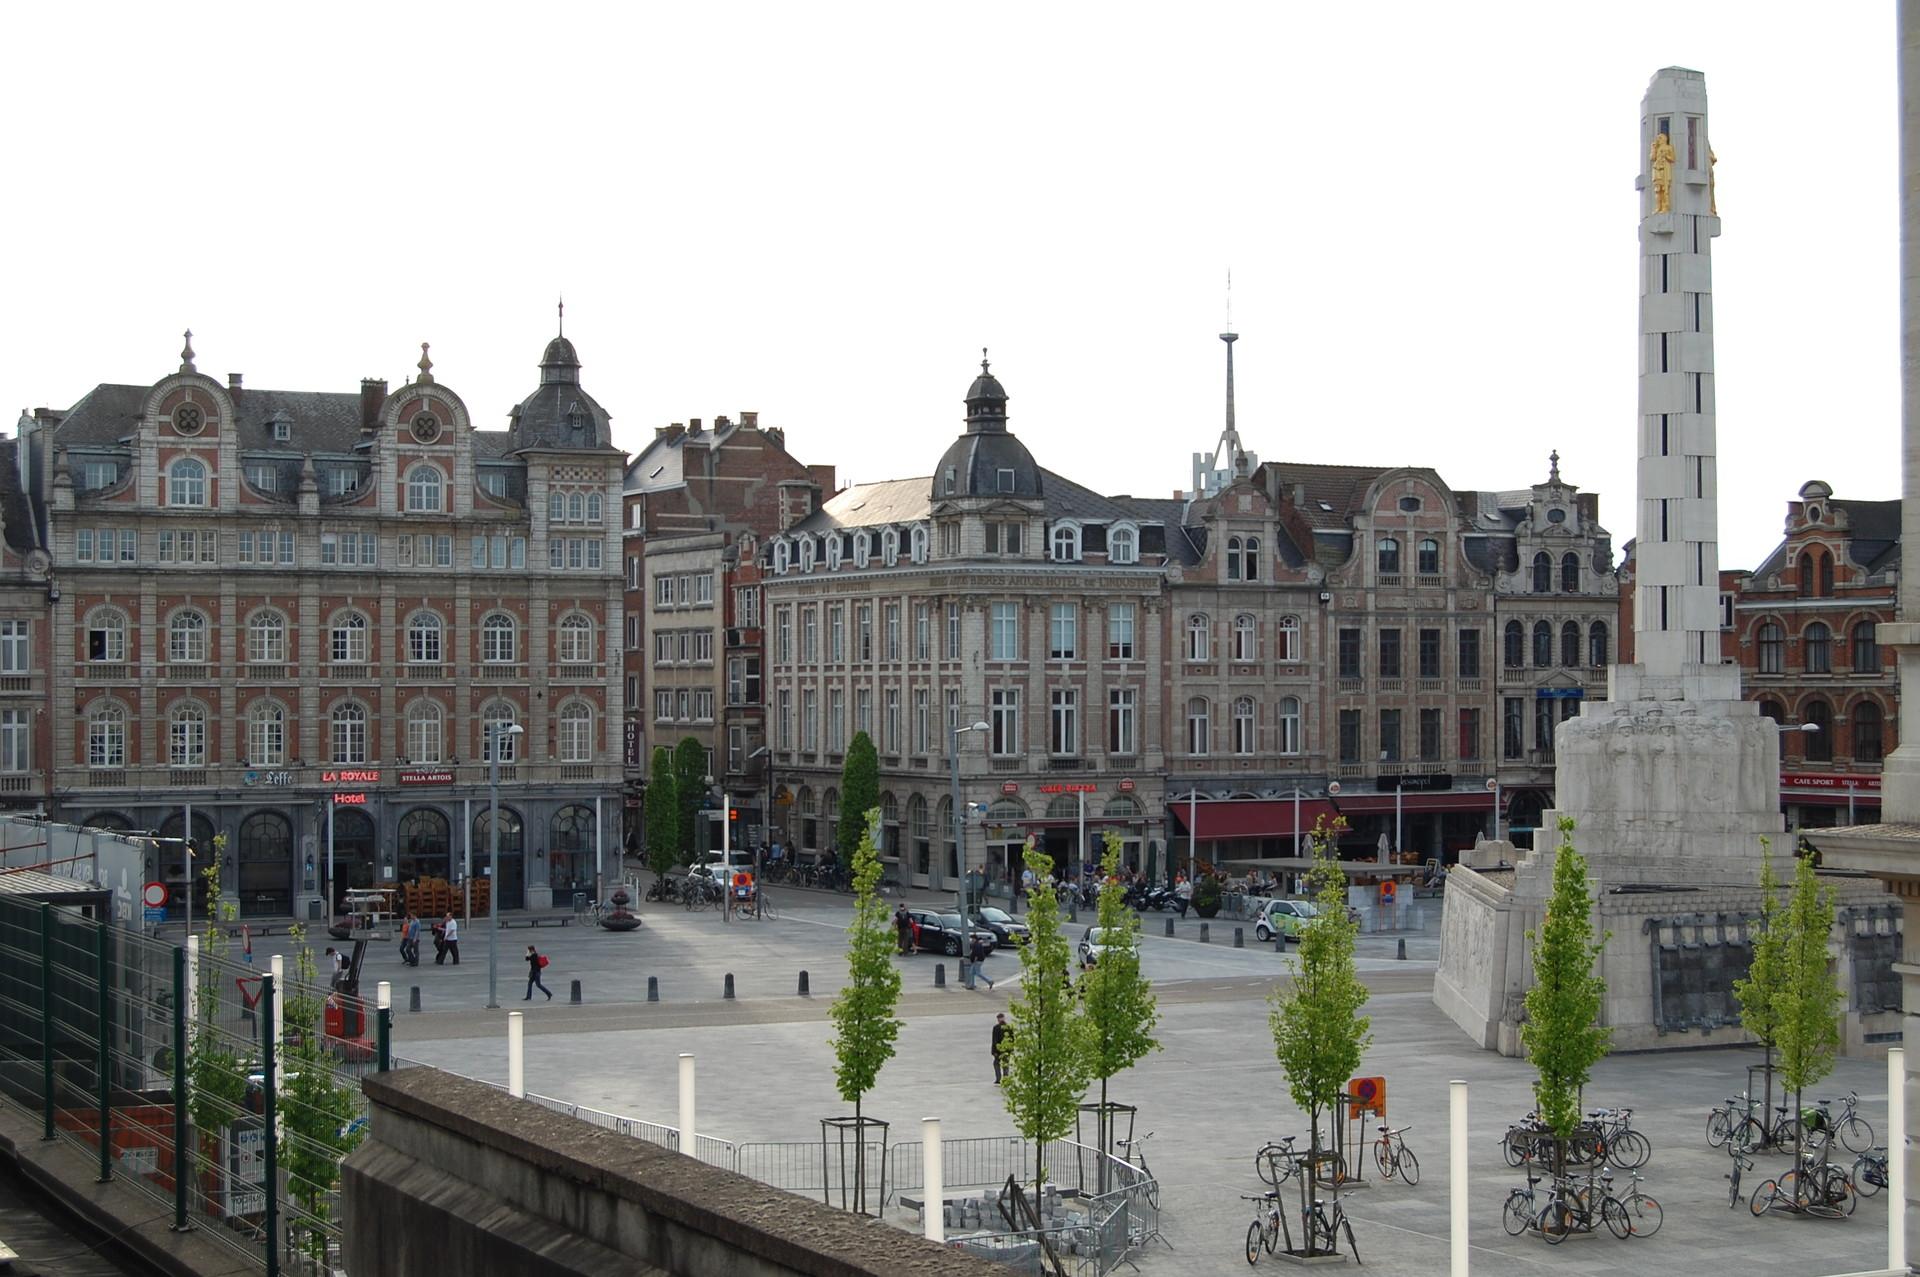 Experiencia en Lovaina, Bélgica, por Fabiano